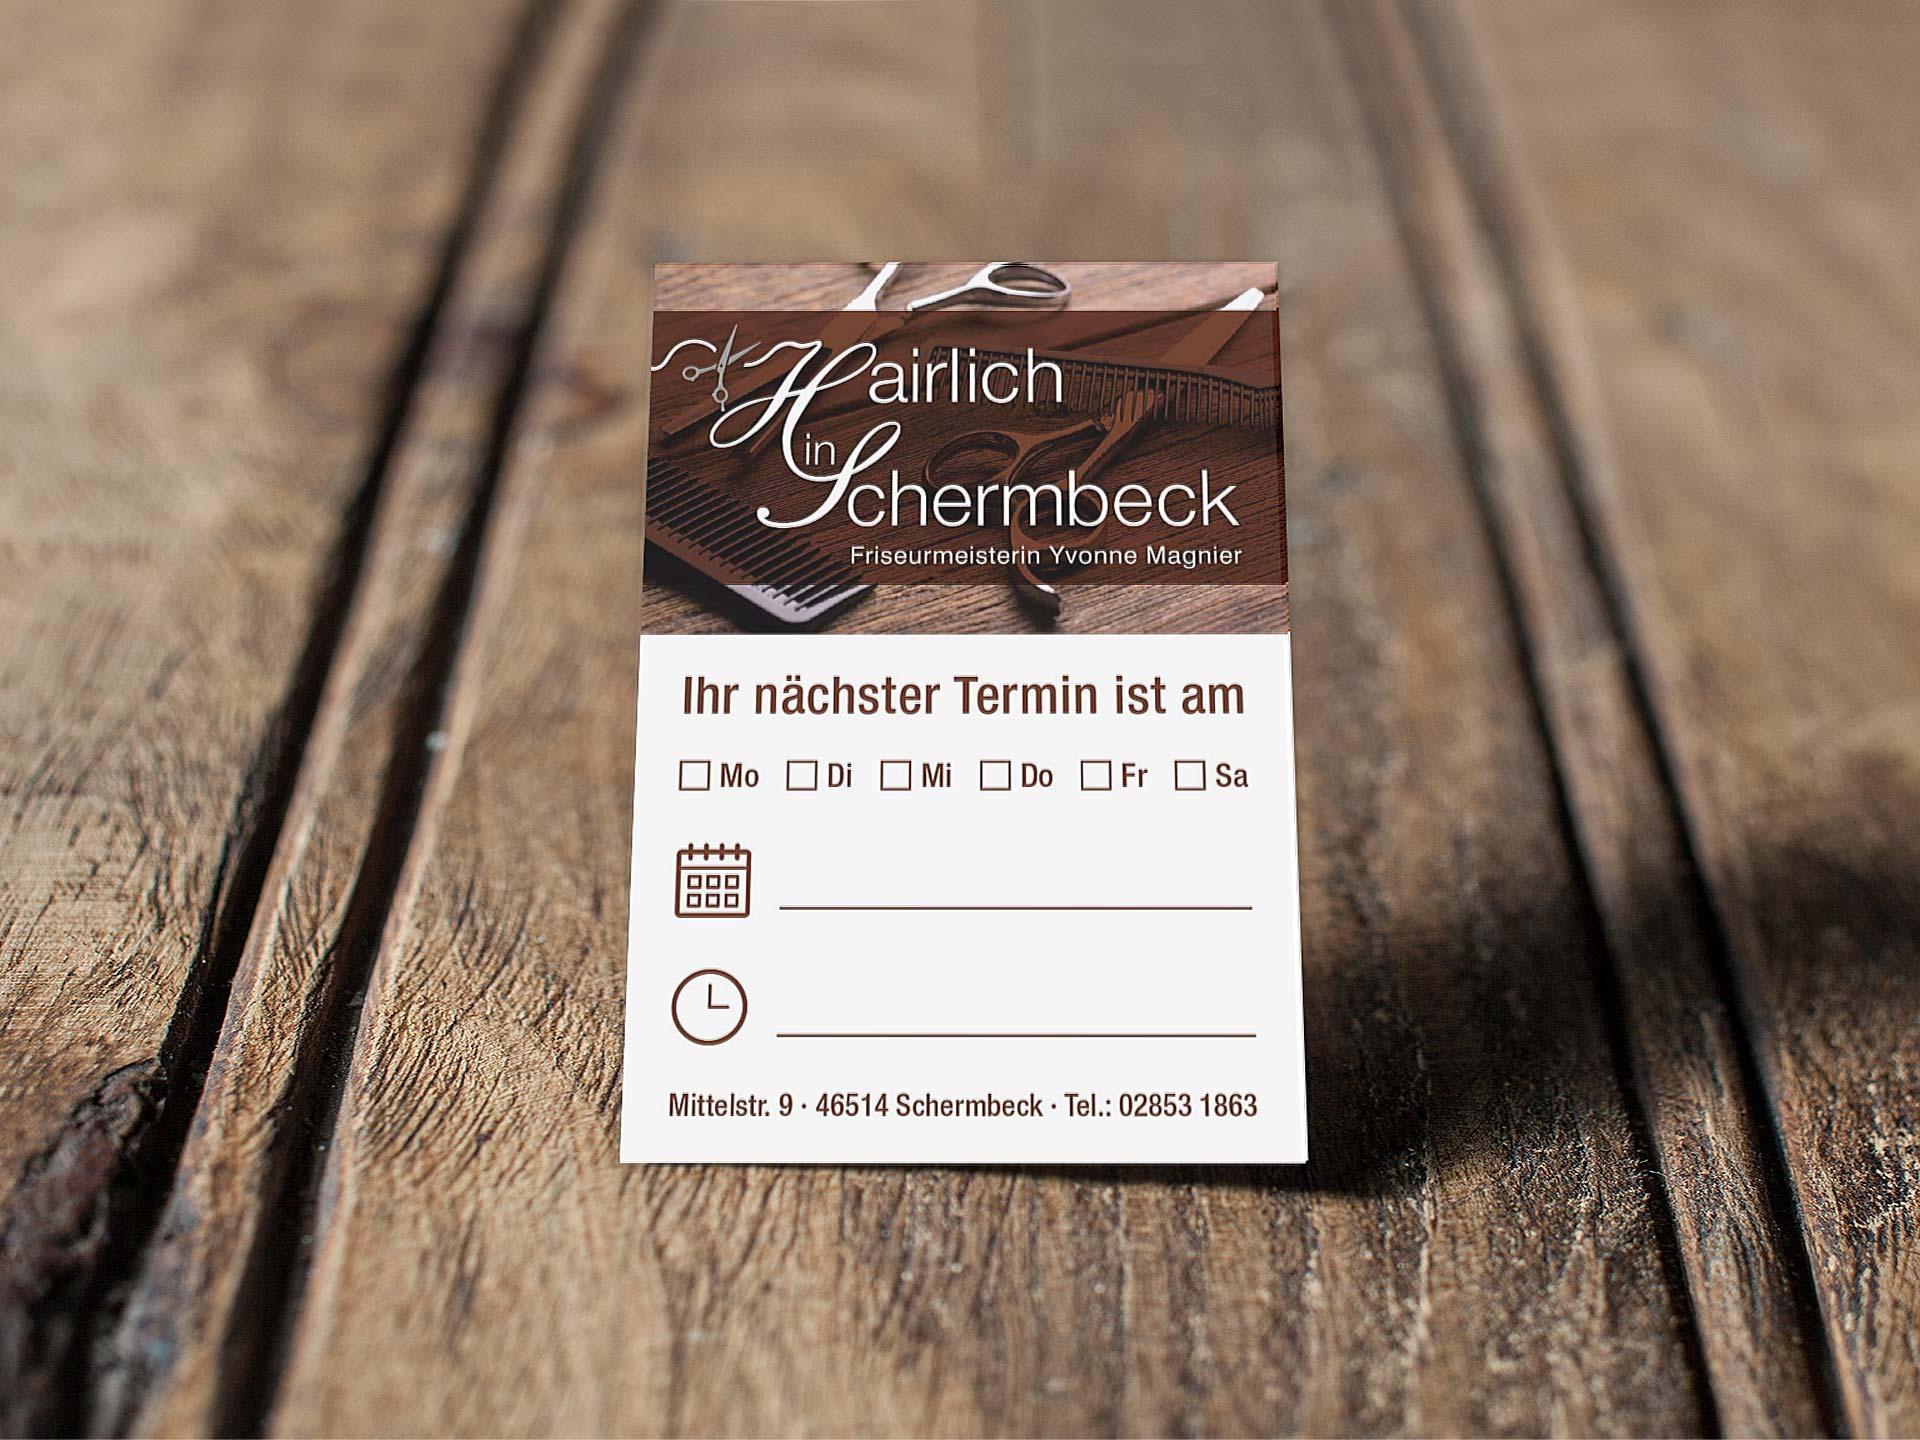 Hairlich in Schermbeck